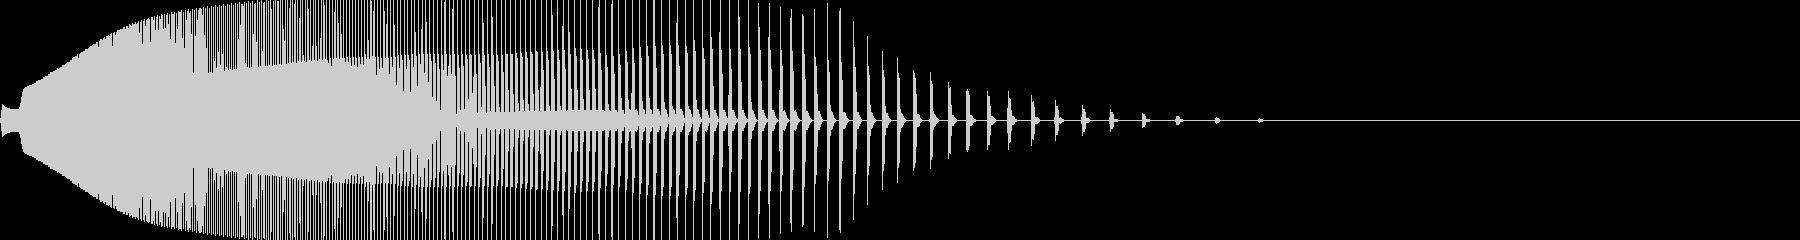 映画風のインパクト・衝撃音「ドーン」の未再生の波形